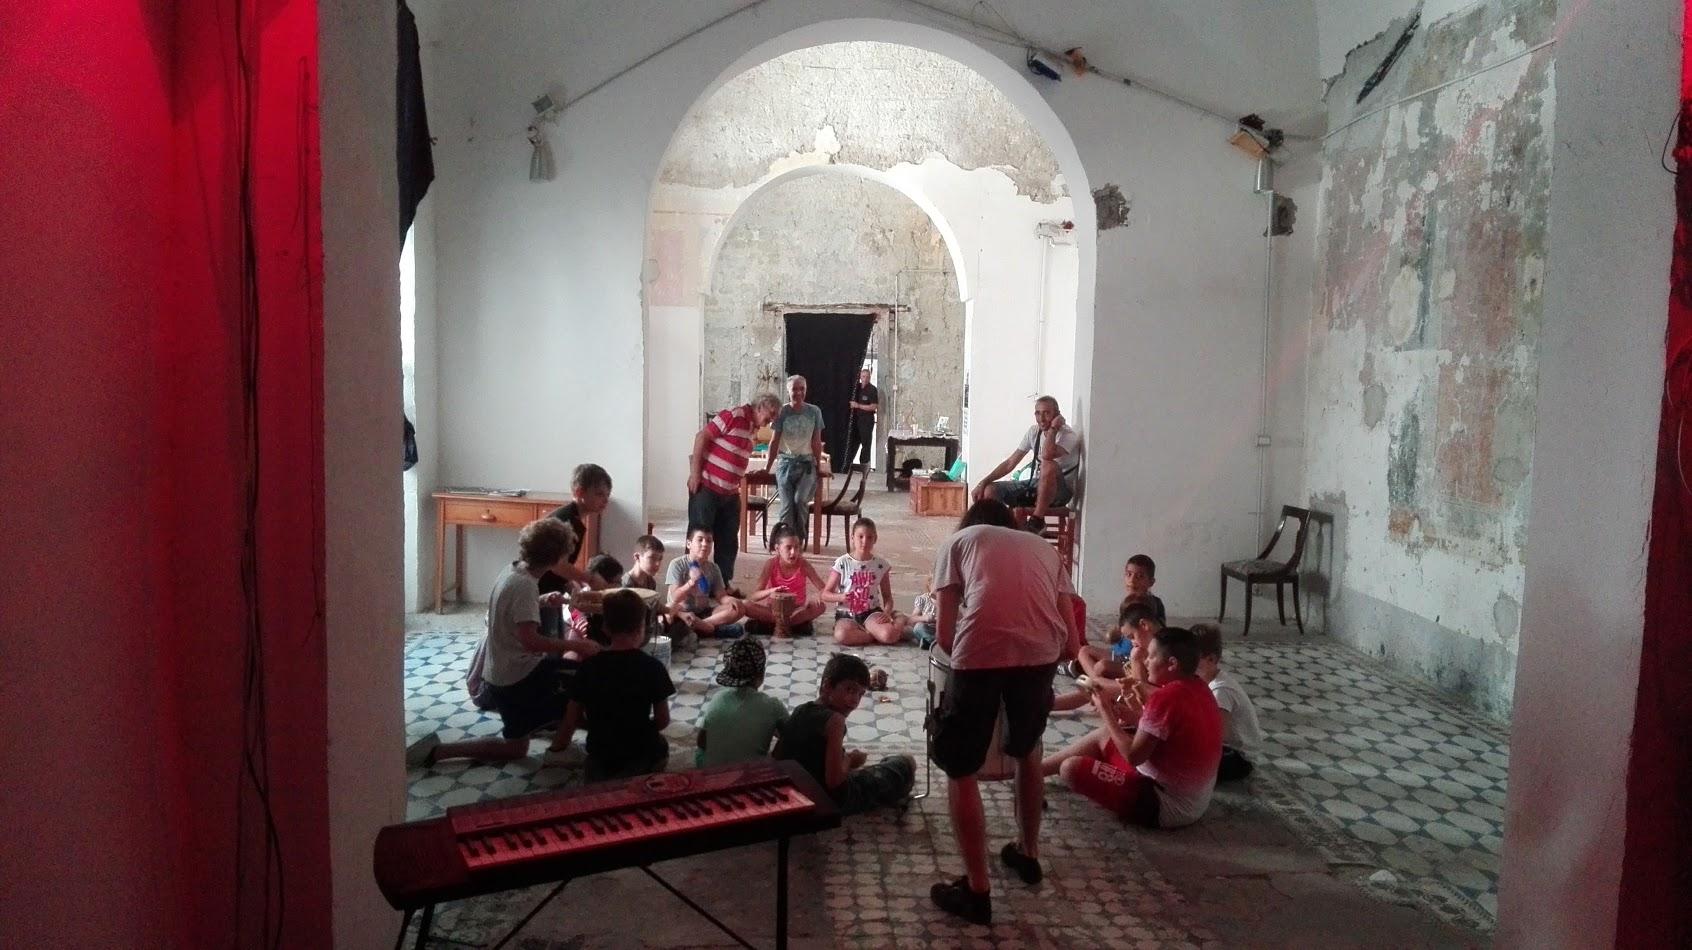 Music workshop for kids at Santa Fede Liberata, Naples, Jun 19, 2018